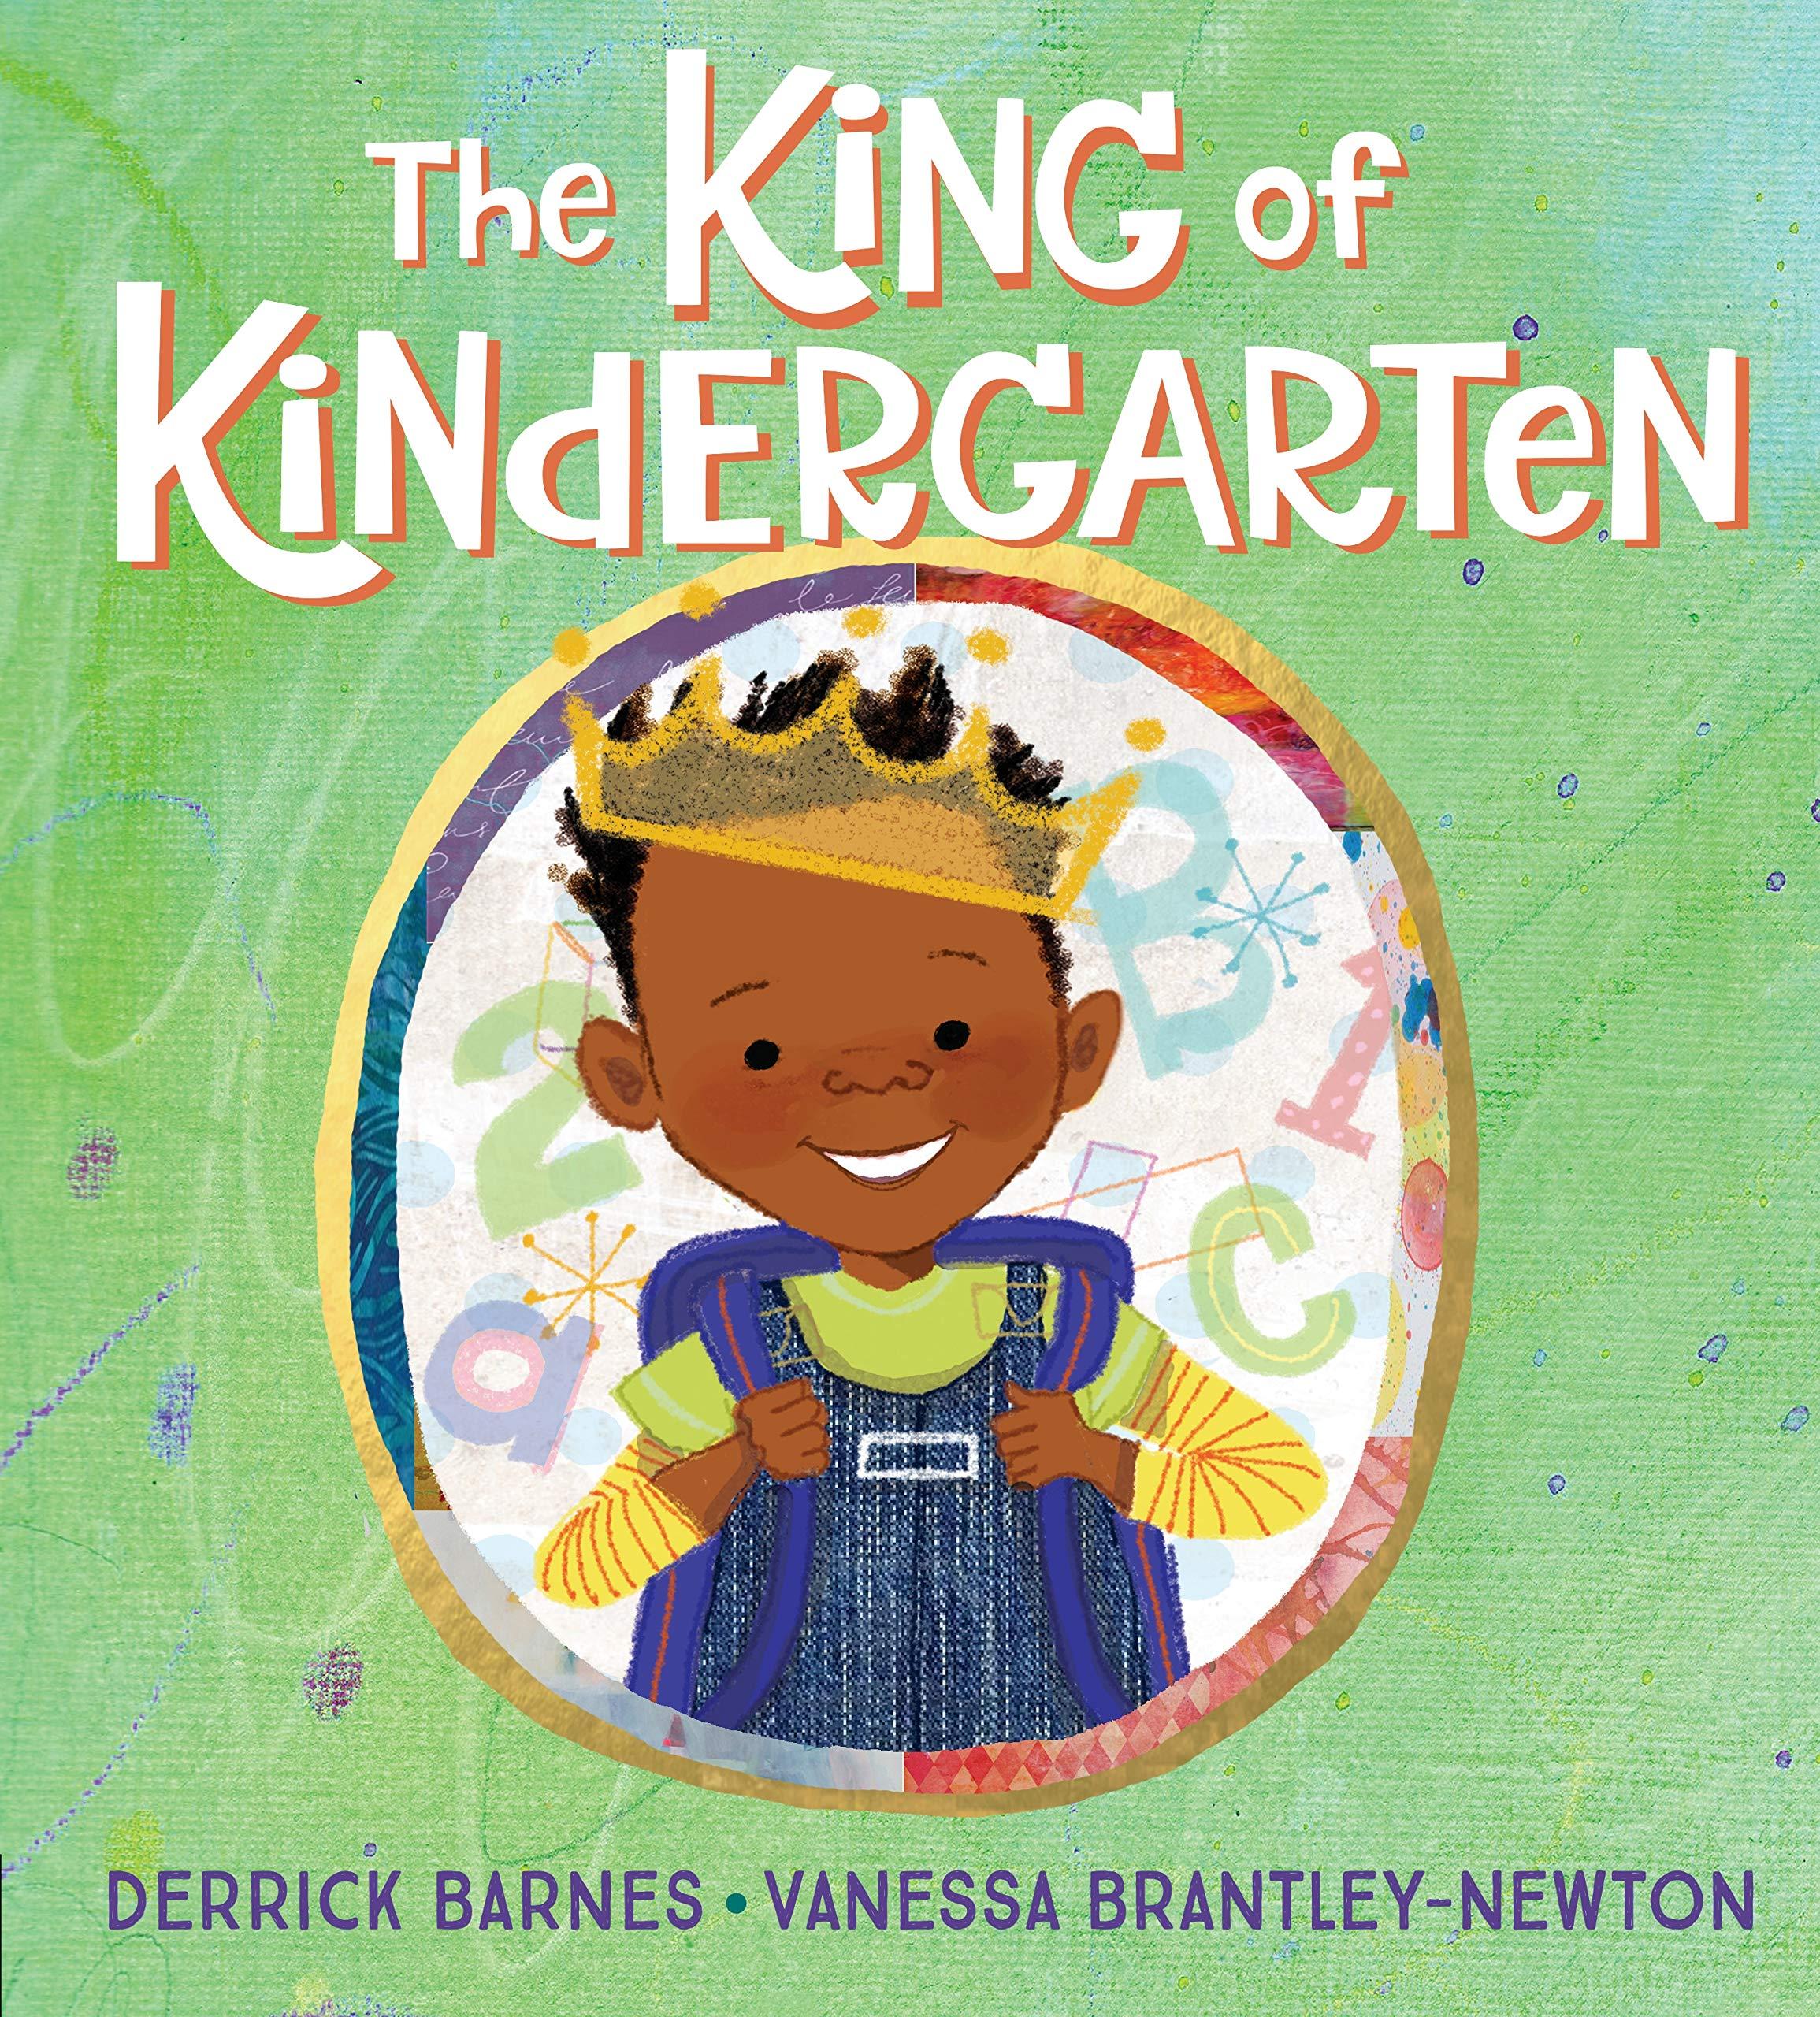 The King of Kindergarten: Barnes, Derrick, Brantley-Newton, Vanessa: 9781524740740: Books - Amazon.ca